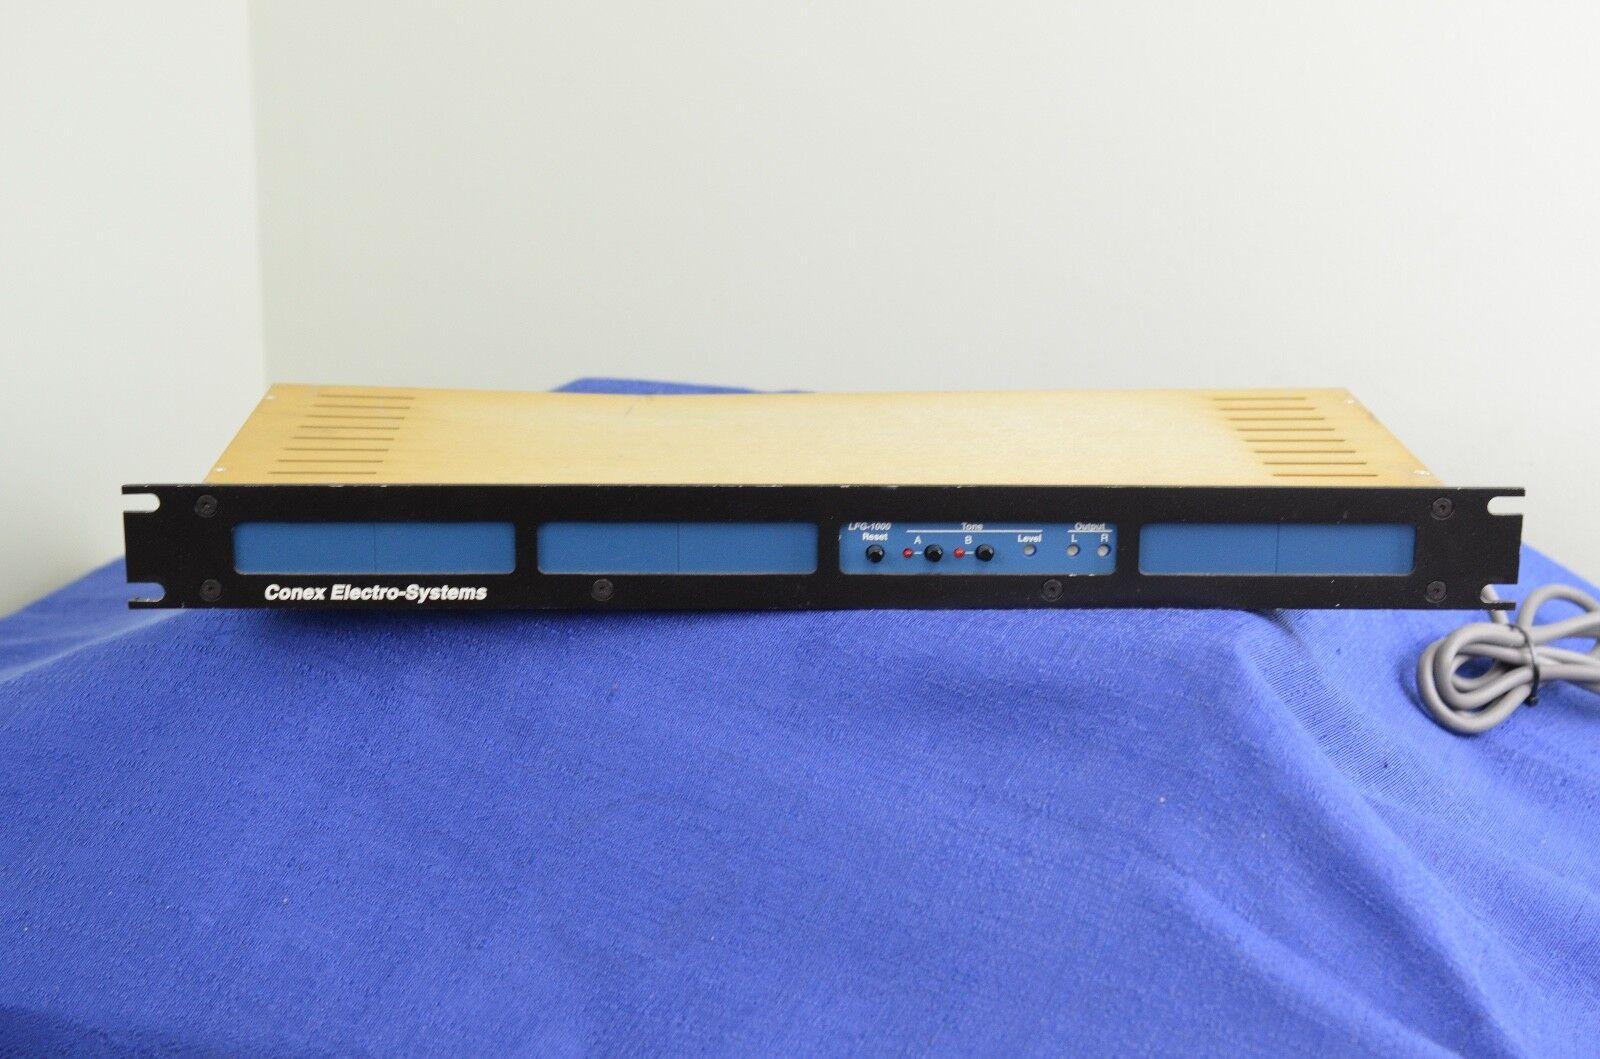 nuovo di marca Conex Elettrico Systems Unità Lfg-1000 Modulo Audio pro pro pro Trasmissione  buon prezzo